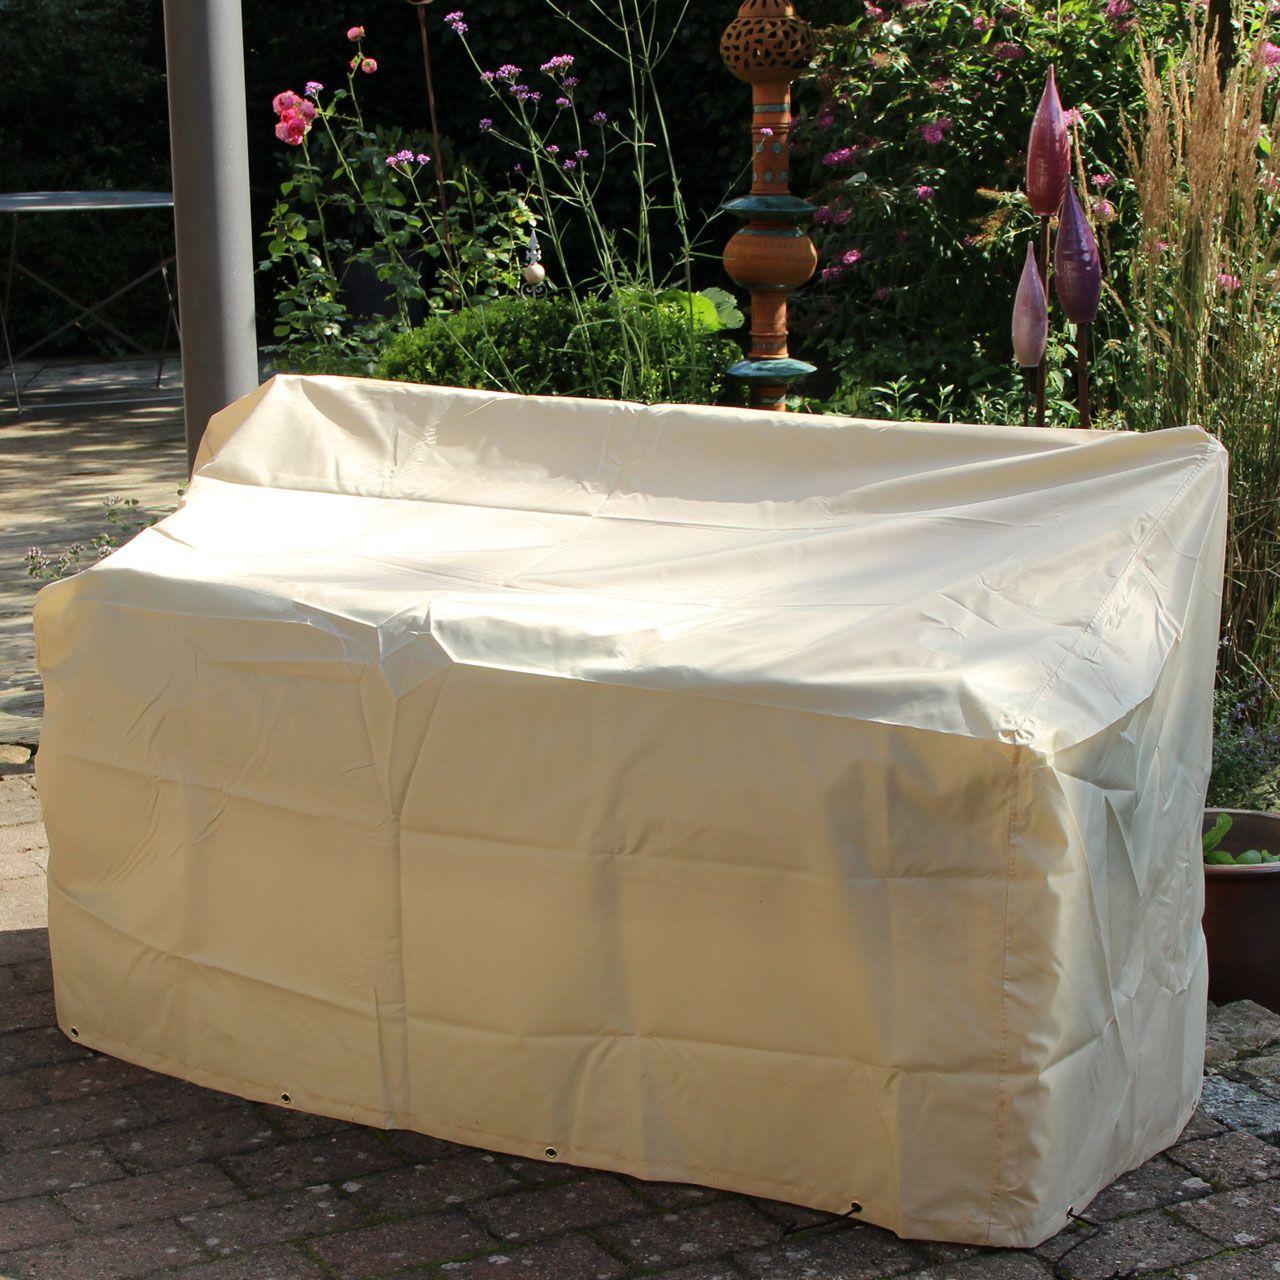 gartenmöbel-schutzhülle gartenbank, abdeckung beige | winterschutz.de, Gartengerate ideen